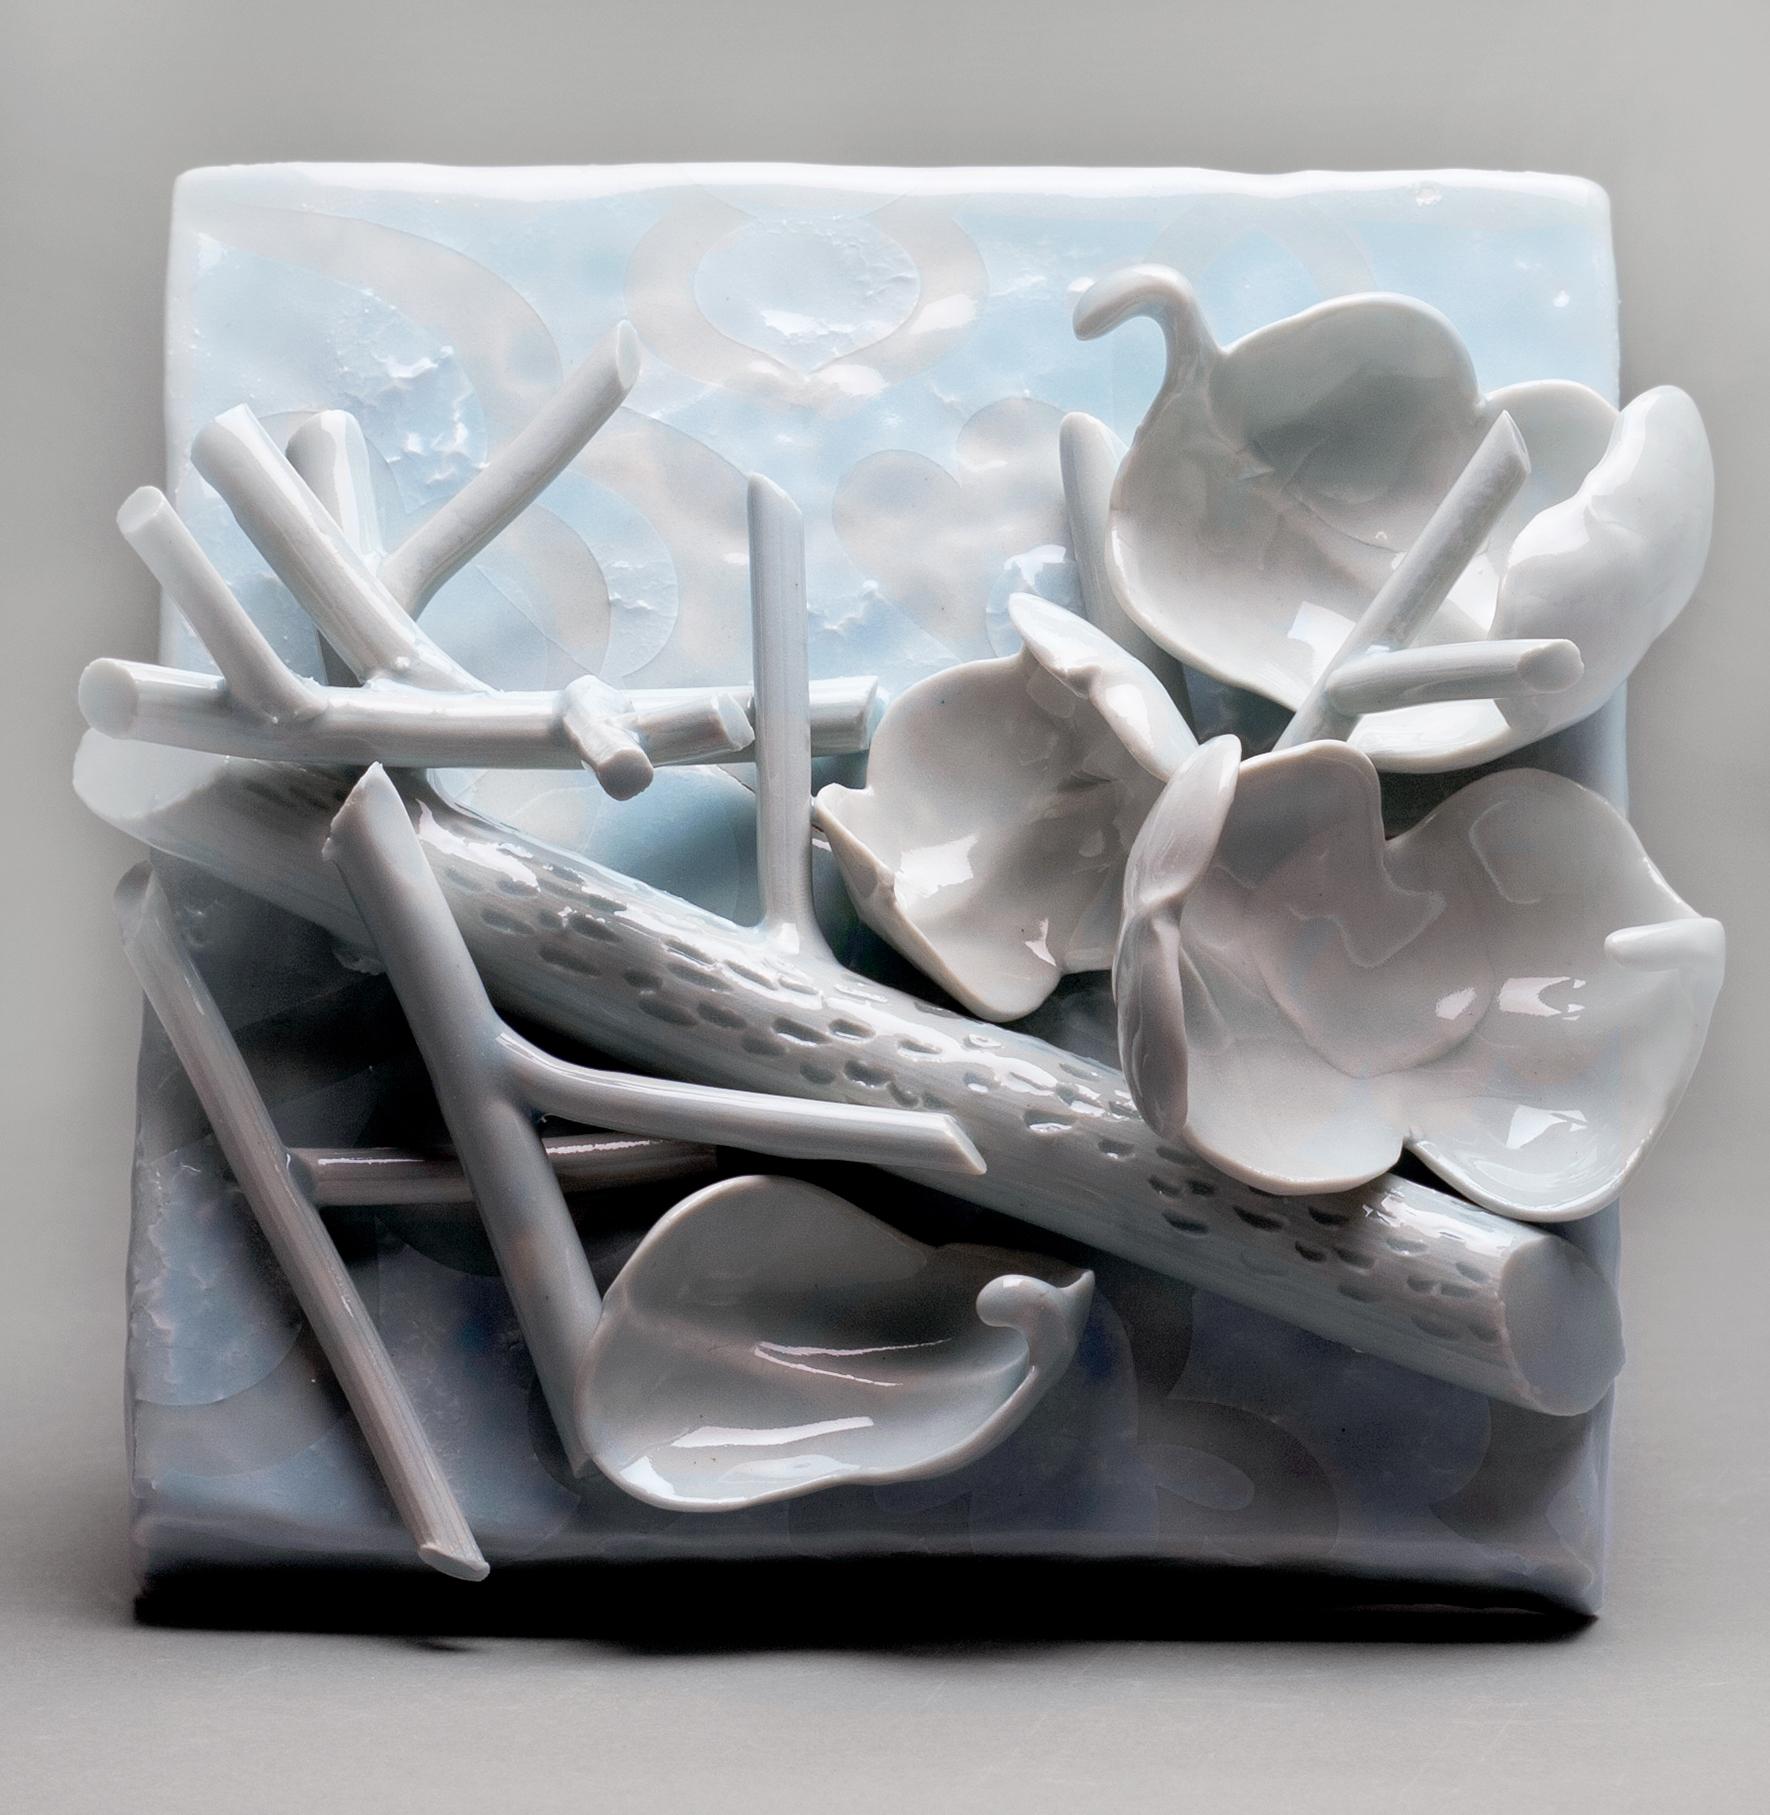 sculpture22b.jpg